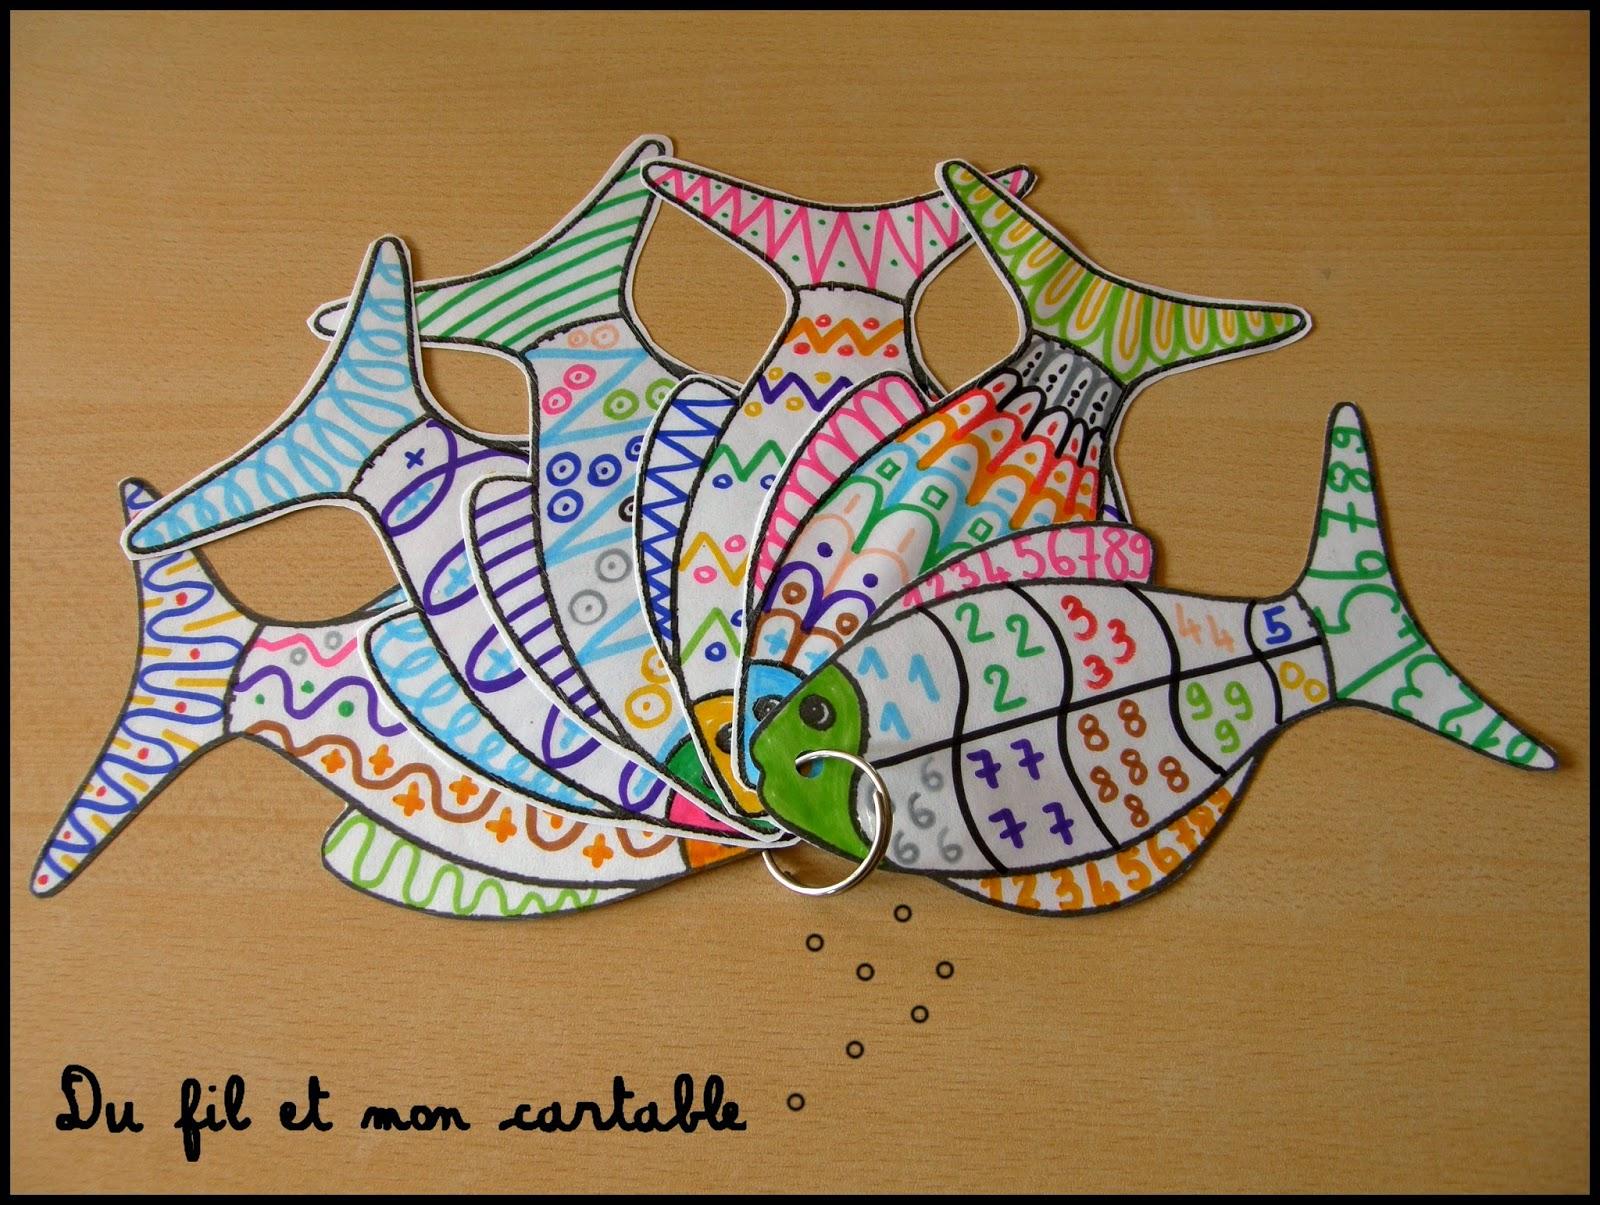 Du fil et mon cartable atelier graphisme poisson coin - Poisson en maternelle ...